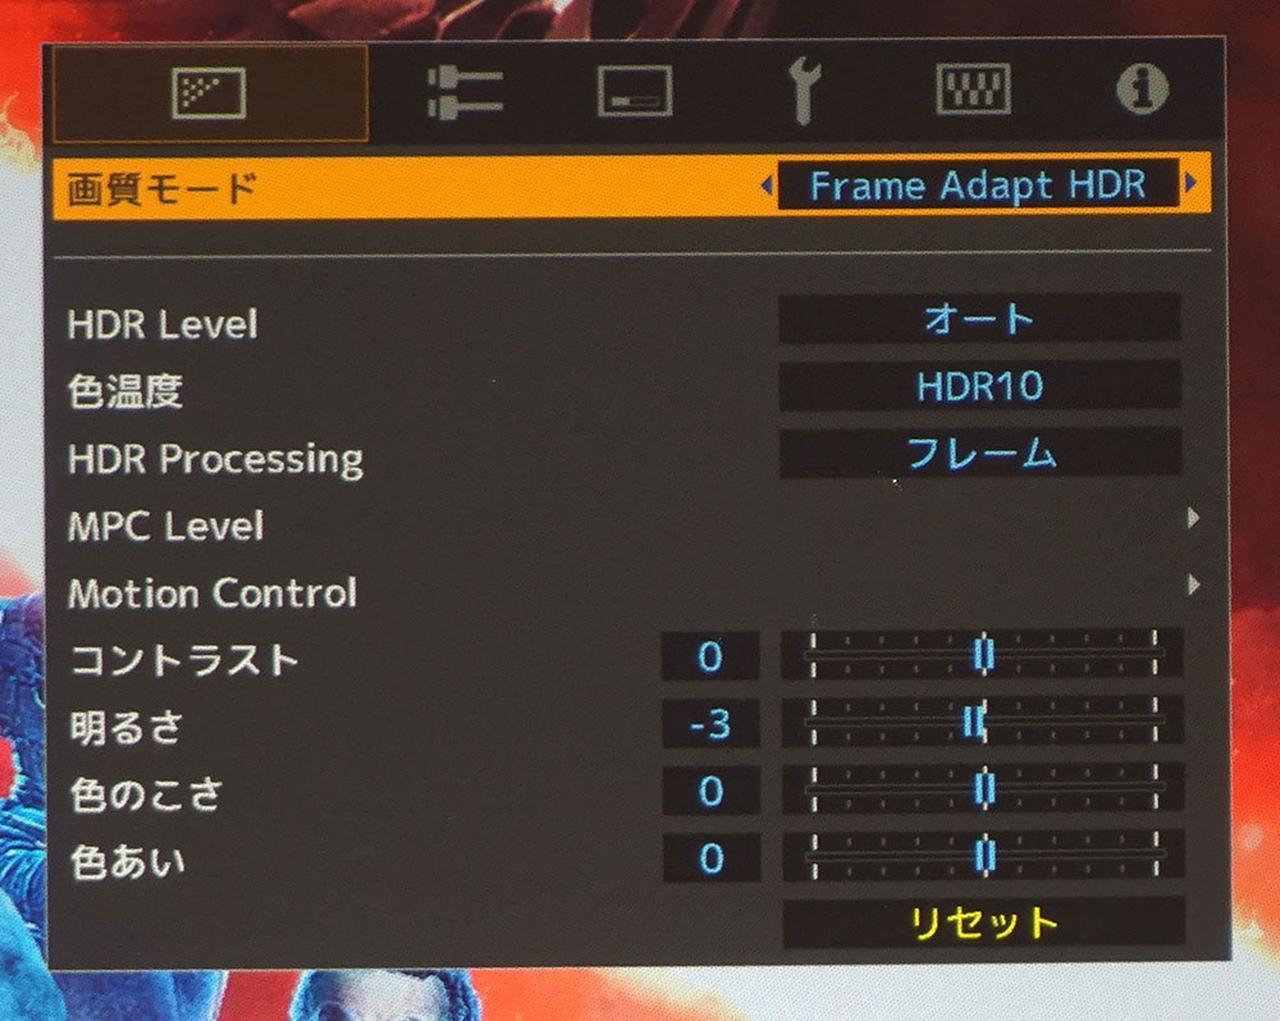 画像4: 『スター・ウォーズ スカイウォーカー・サーガ』4K UHDブルーレイで全作チェック(番外編) スピンオフの傑作『ローグ・ワン』をHDR環境で観ると、その奥深さが際立ってきた